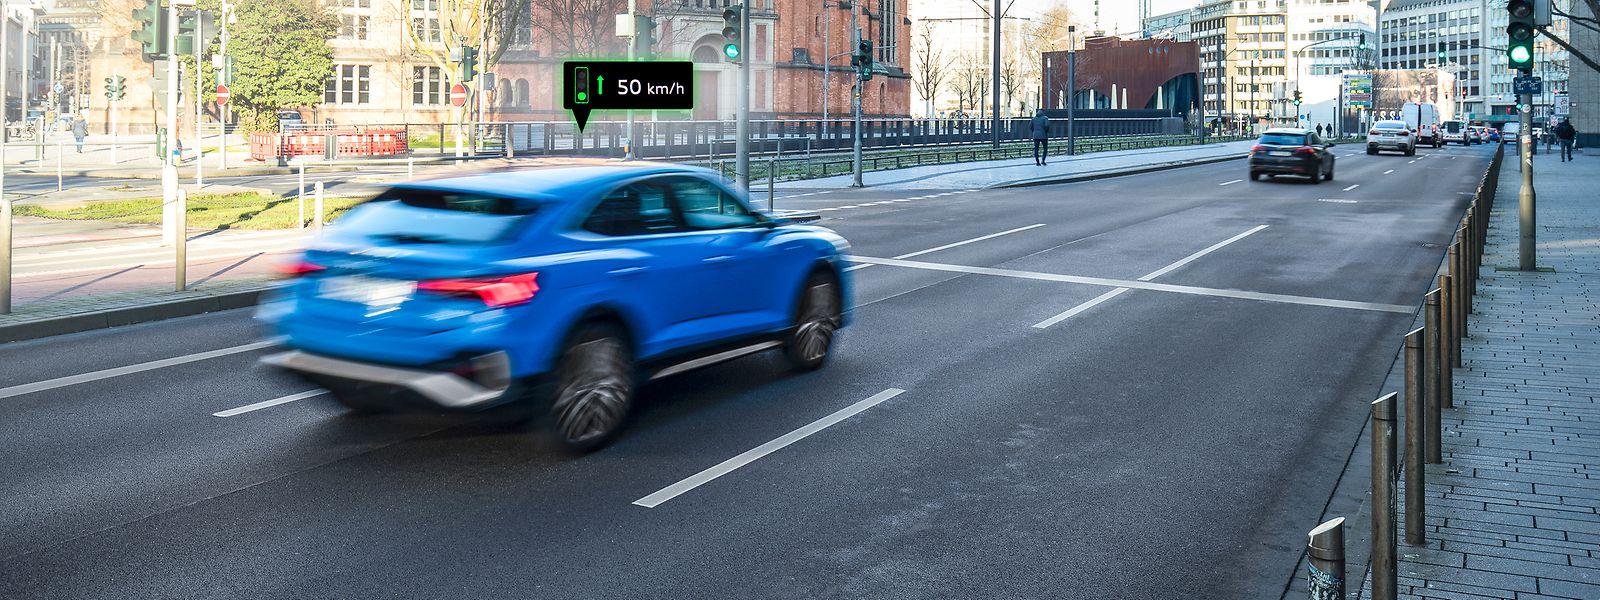 In Pilotprojekten kommunizieren Ampeln mit Audi-Autos, die dann ein optimales Tempo berechnen, um perfekt auf der Grünen Welle mitschwimmen zu können.